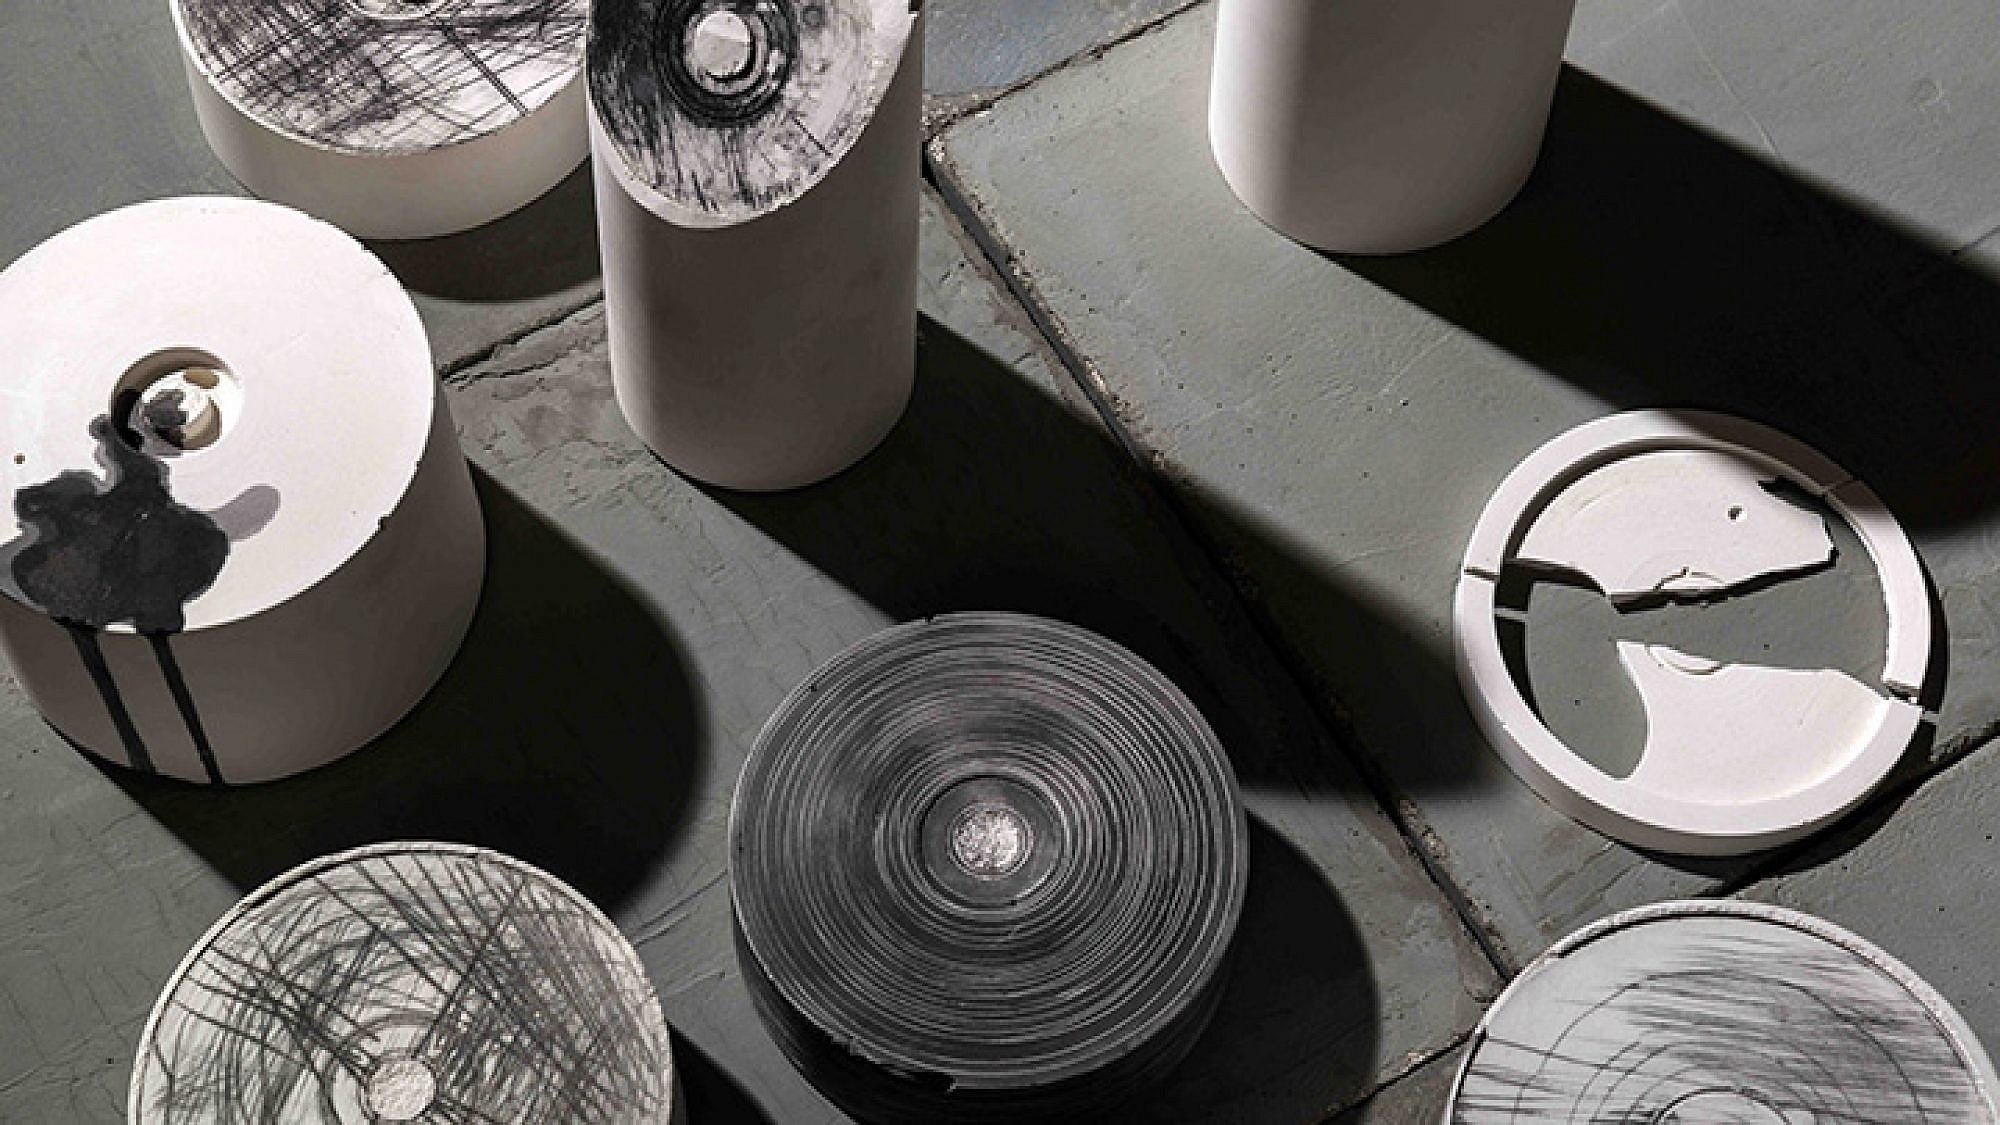 פונר קוקס הופכת את חלל התצוגה לאתר חקירה פעיל   צילום: מידד סוכובולסקי